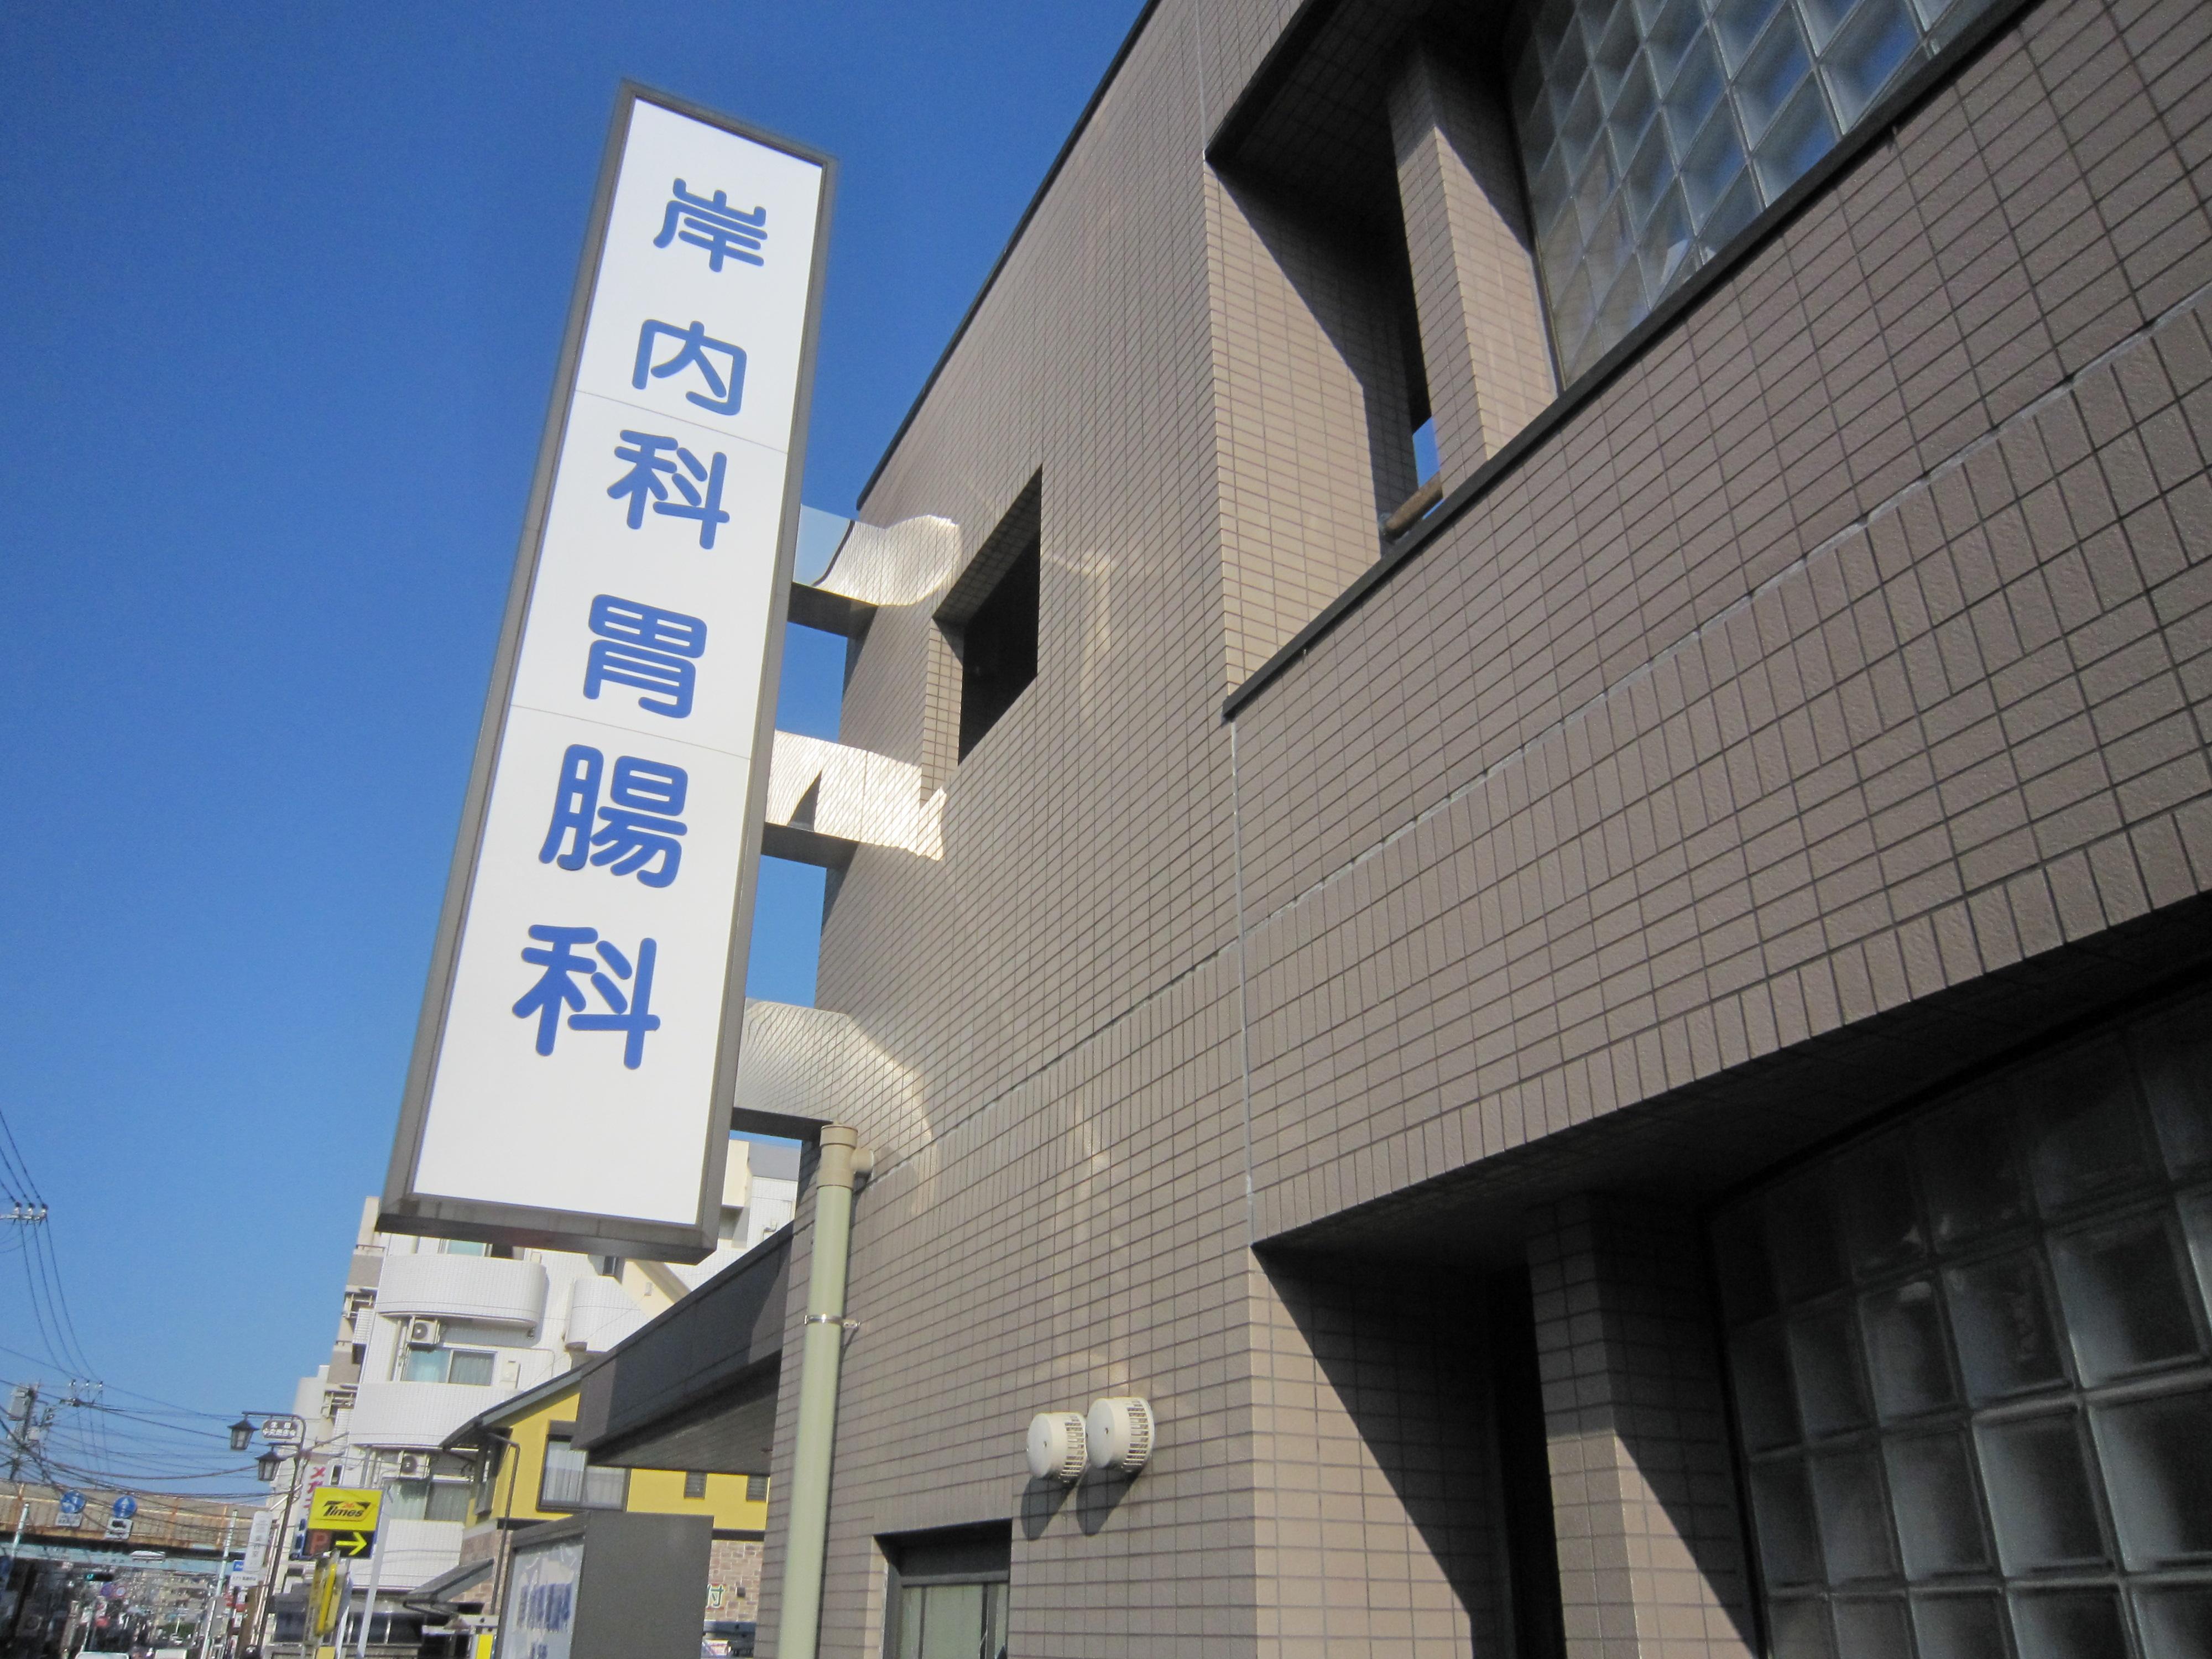 パストラル西生田 周辺画像6